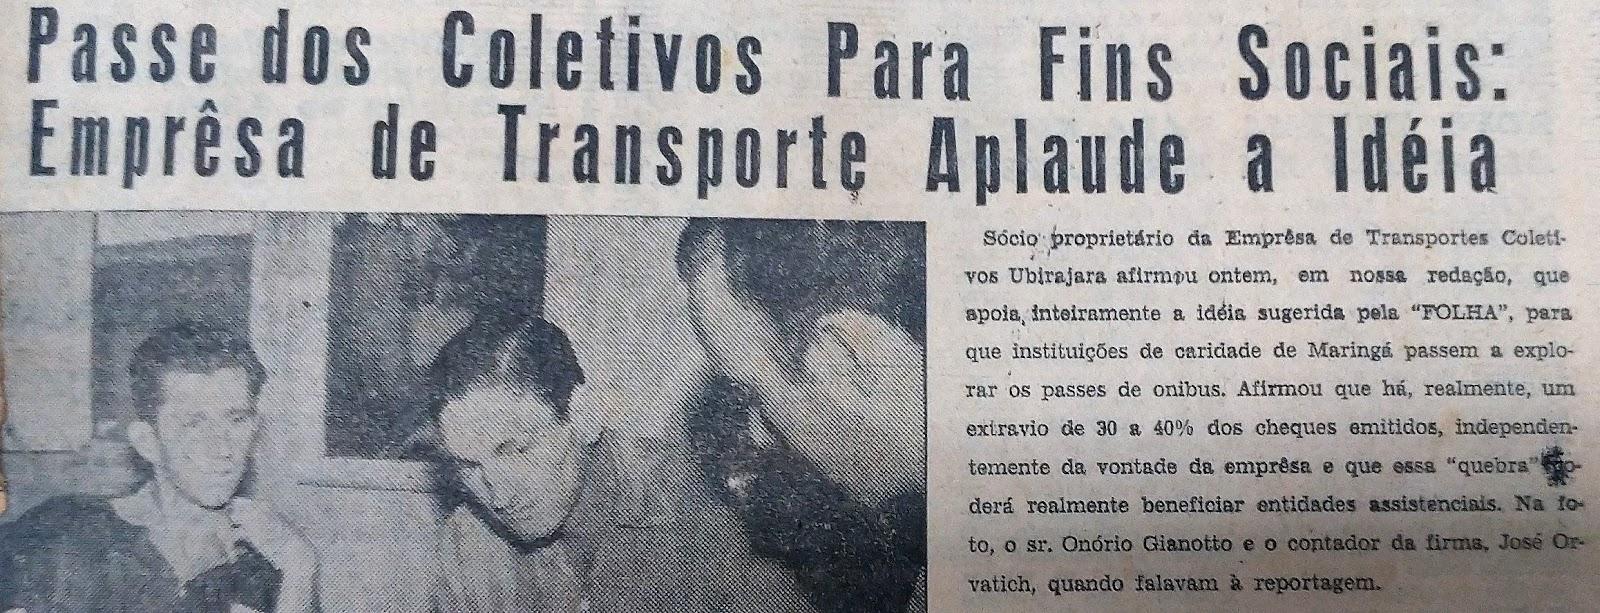 Transporte público com fins sociais - 1962